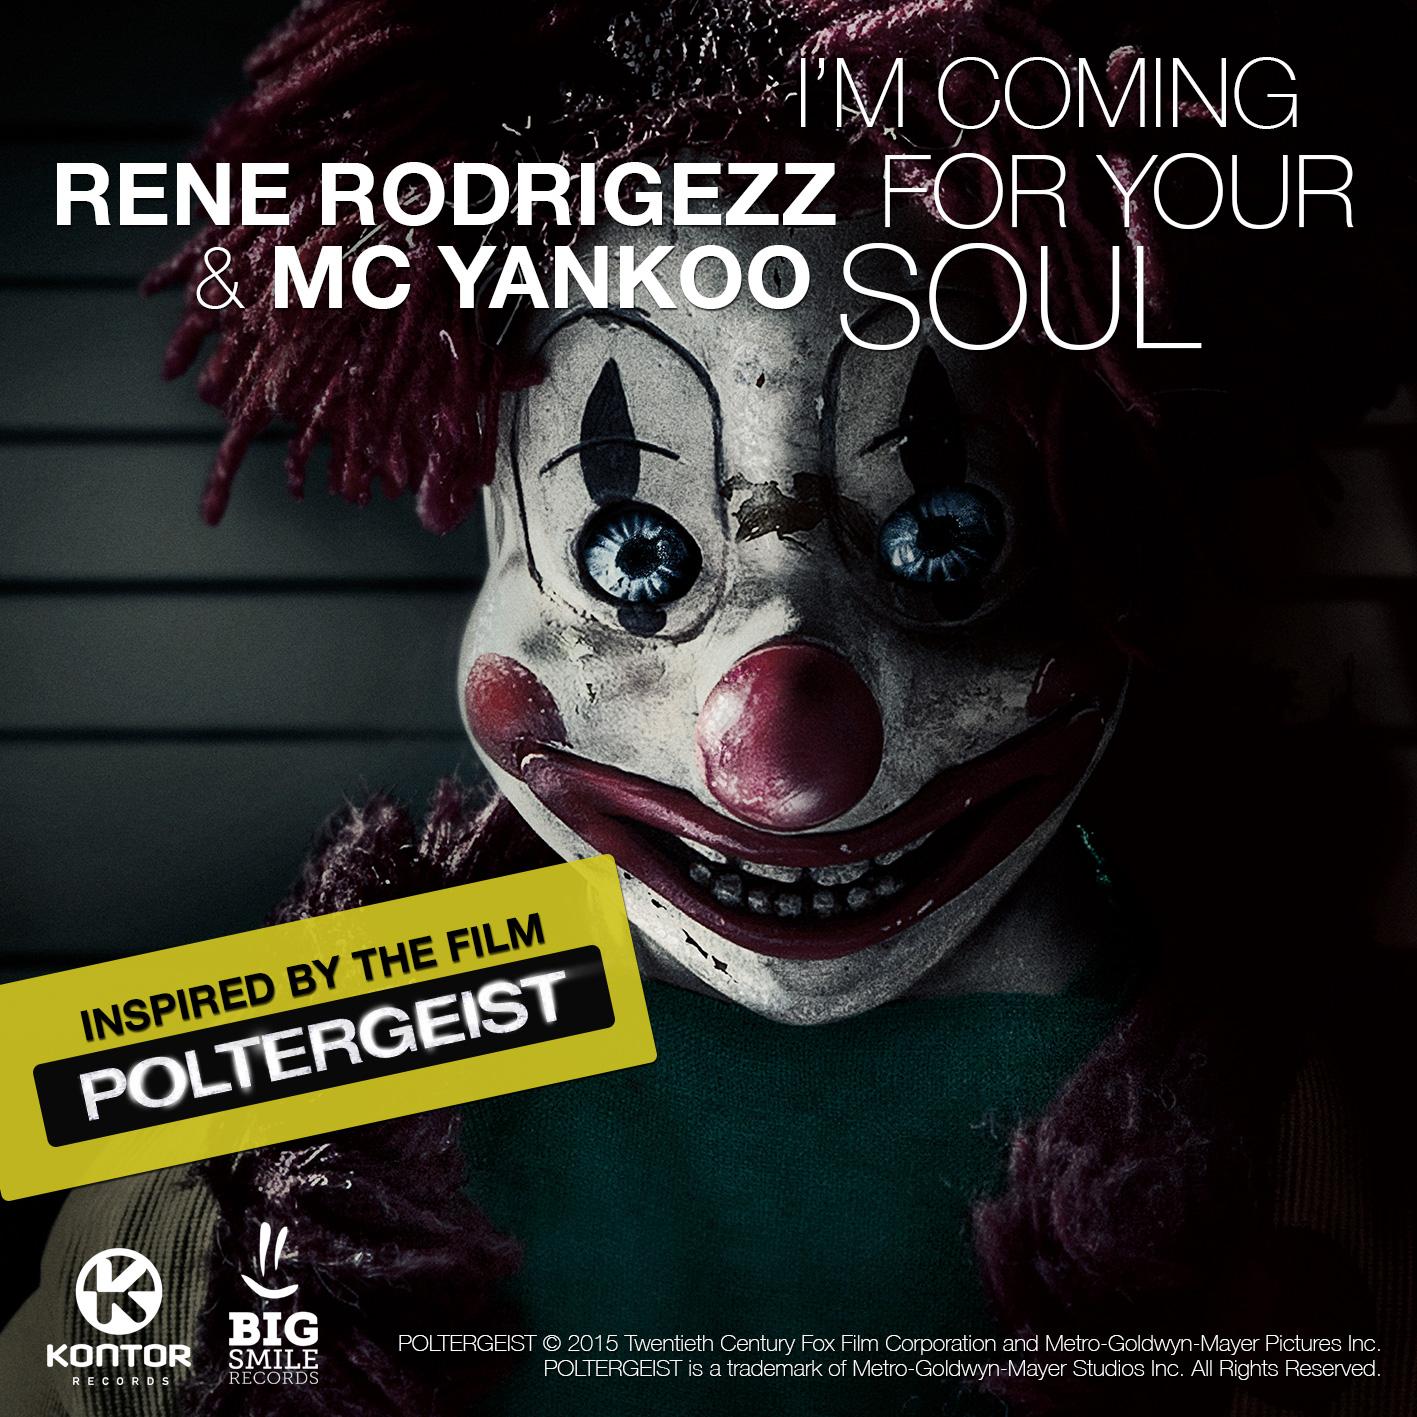 Rene Rodrigezz & MC Yankoo Single zum Kinostart von POLTERGEIST!